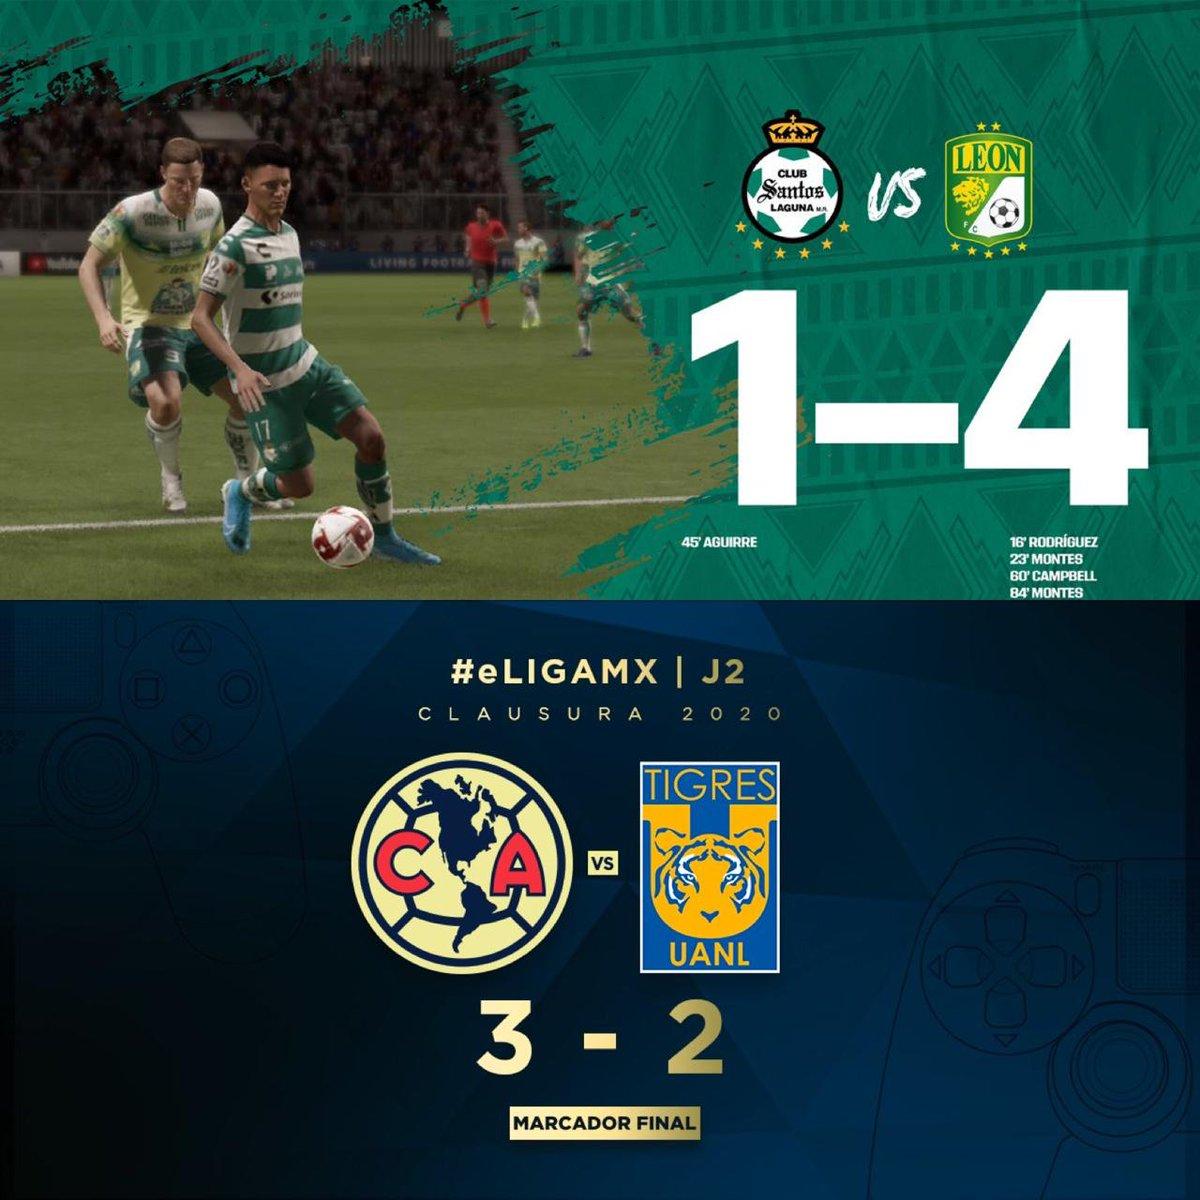 🚨🦠Ruge #LaFiera🦁 y vuelan alto 🦅🦠🚨‼️#MexicoUnido #TuCasaTuCancha #QuédateEnCasaYa •En la #eLIGAMX @clubleon #TeamSosa #Nickiller y @ClubAmerica #TeamGio salen triunfantes en esta #Jornada2 venciendo a @ClubSantos #TeamArteaga @tigresoficial #TeamPatón respectivamente https://t.co/i9gXfhWAfW